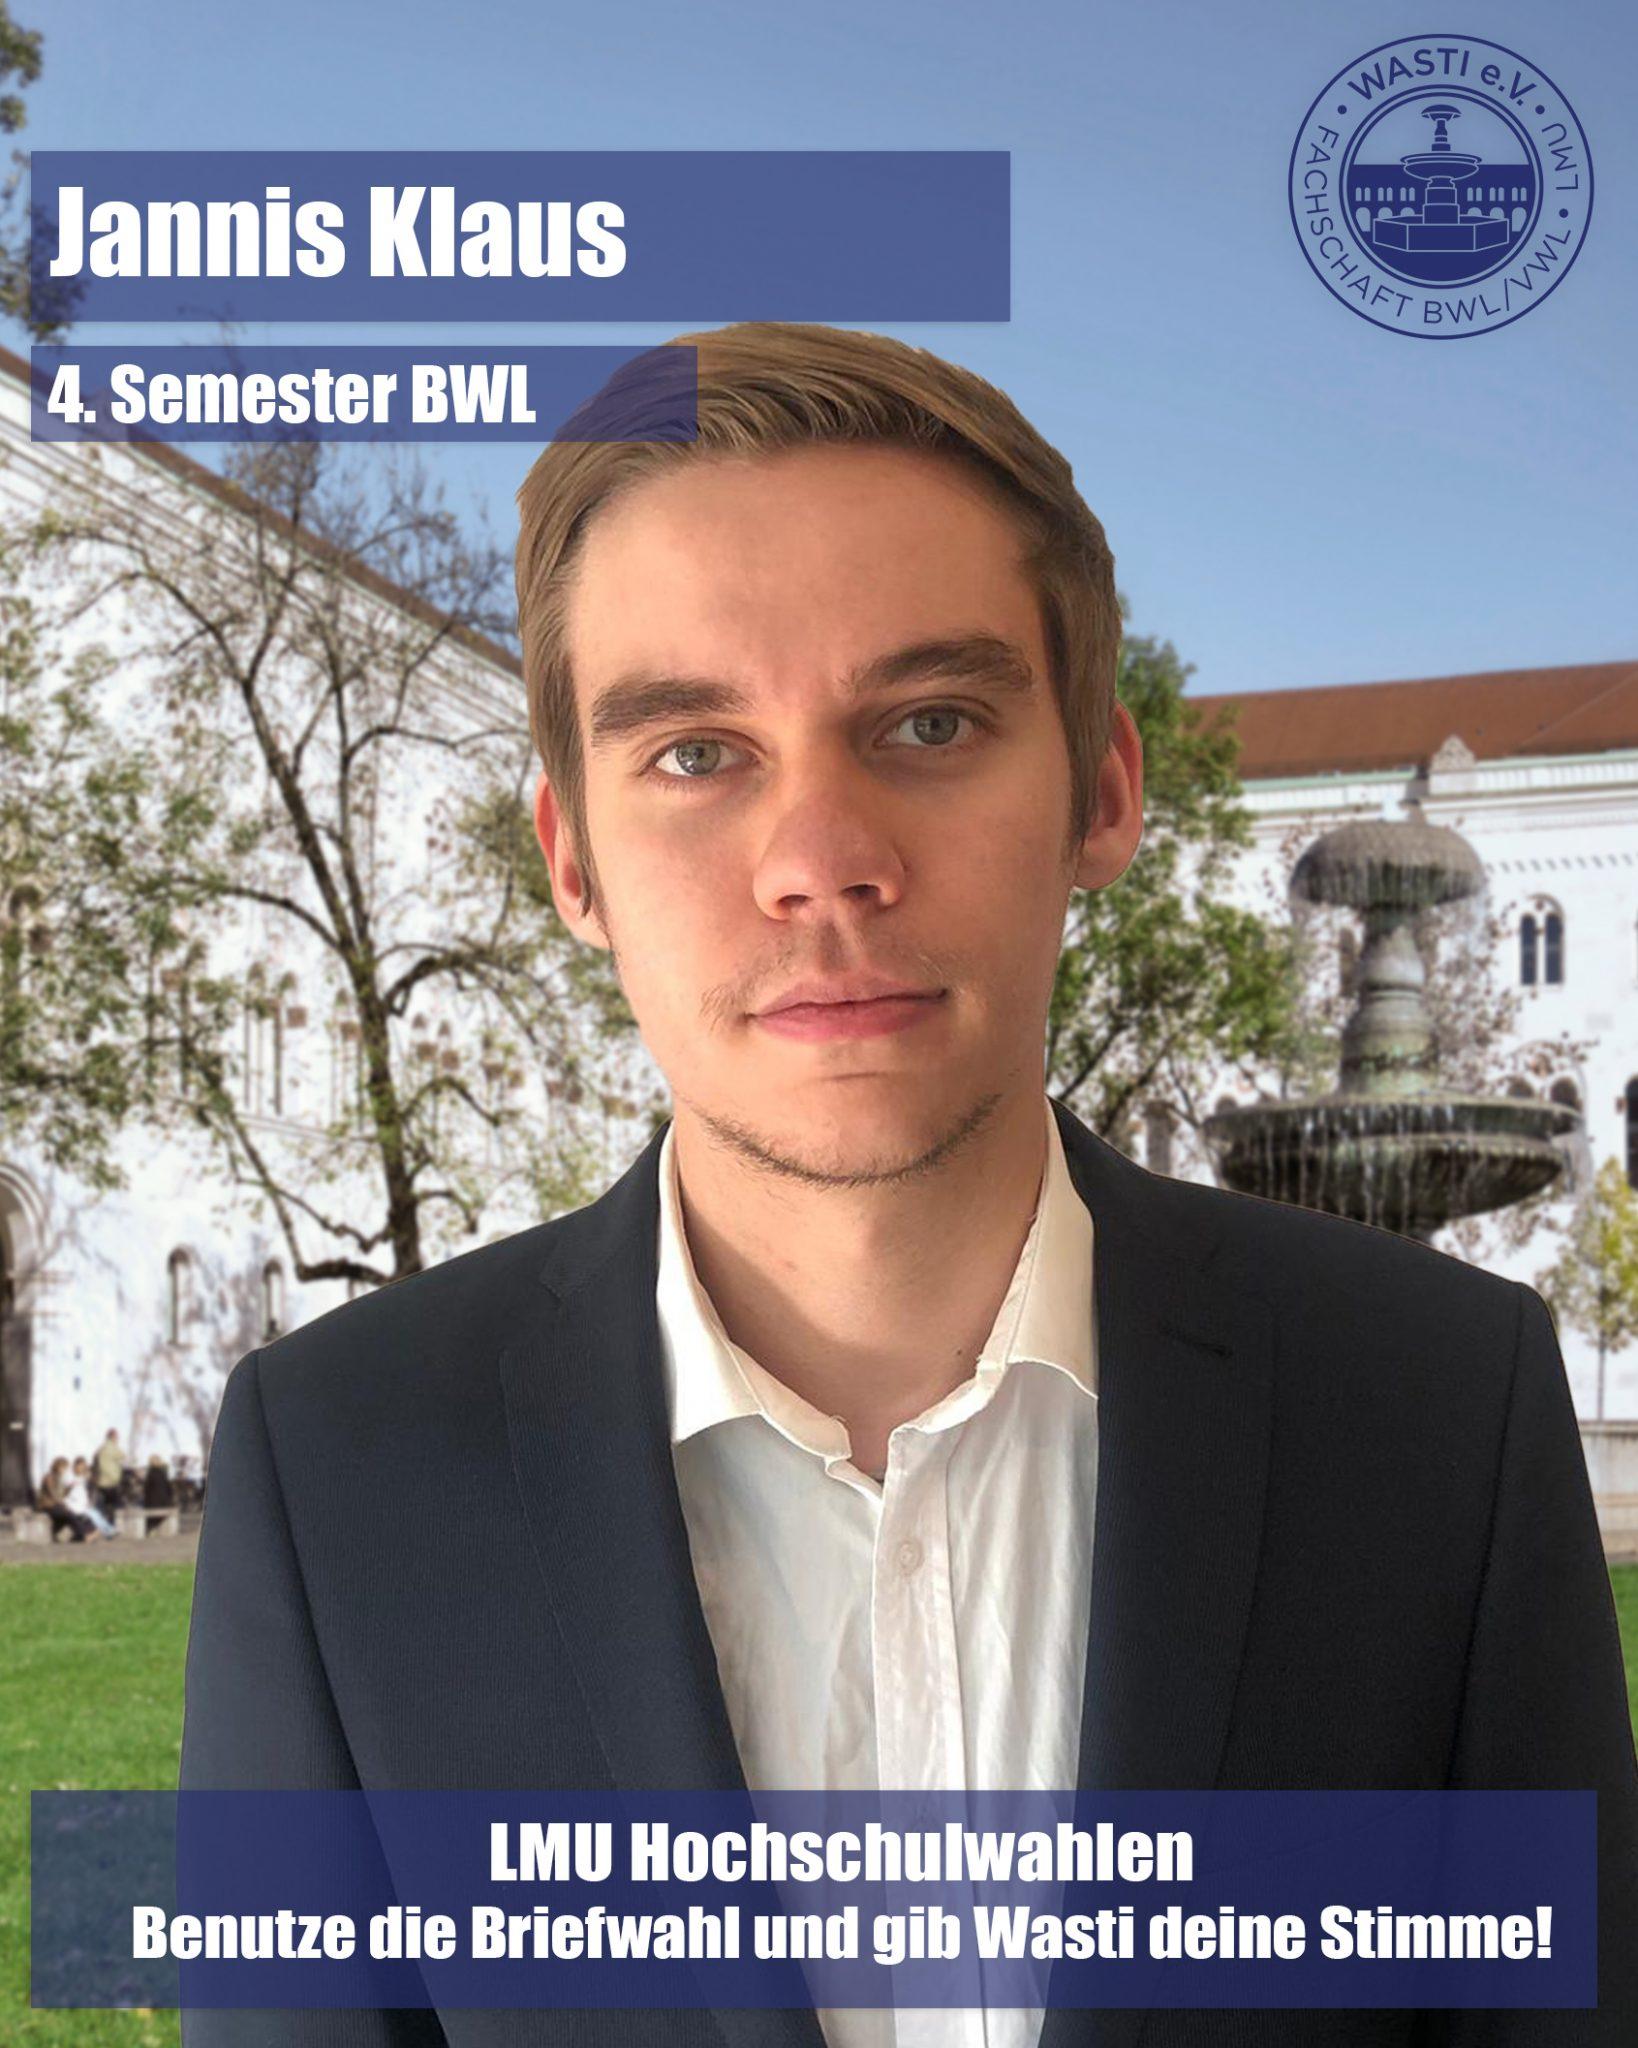 Hochschulwahlen 18